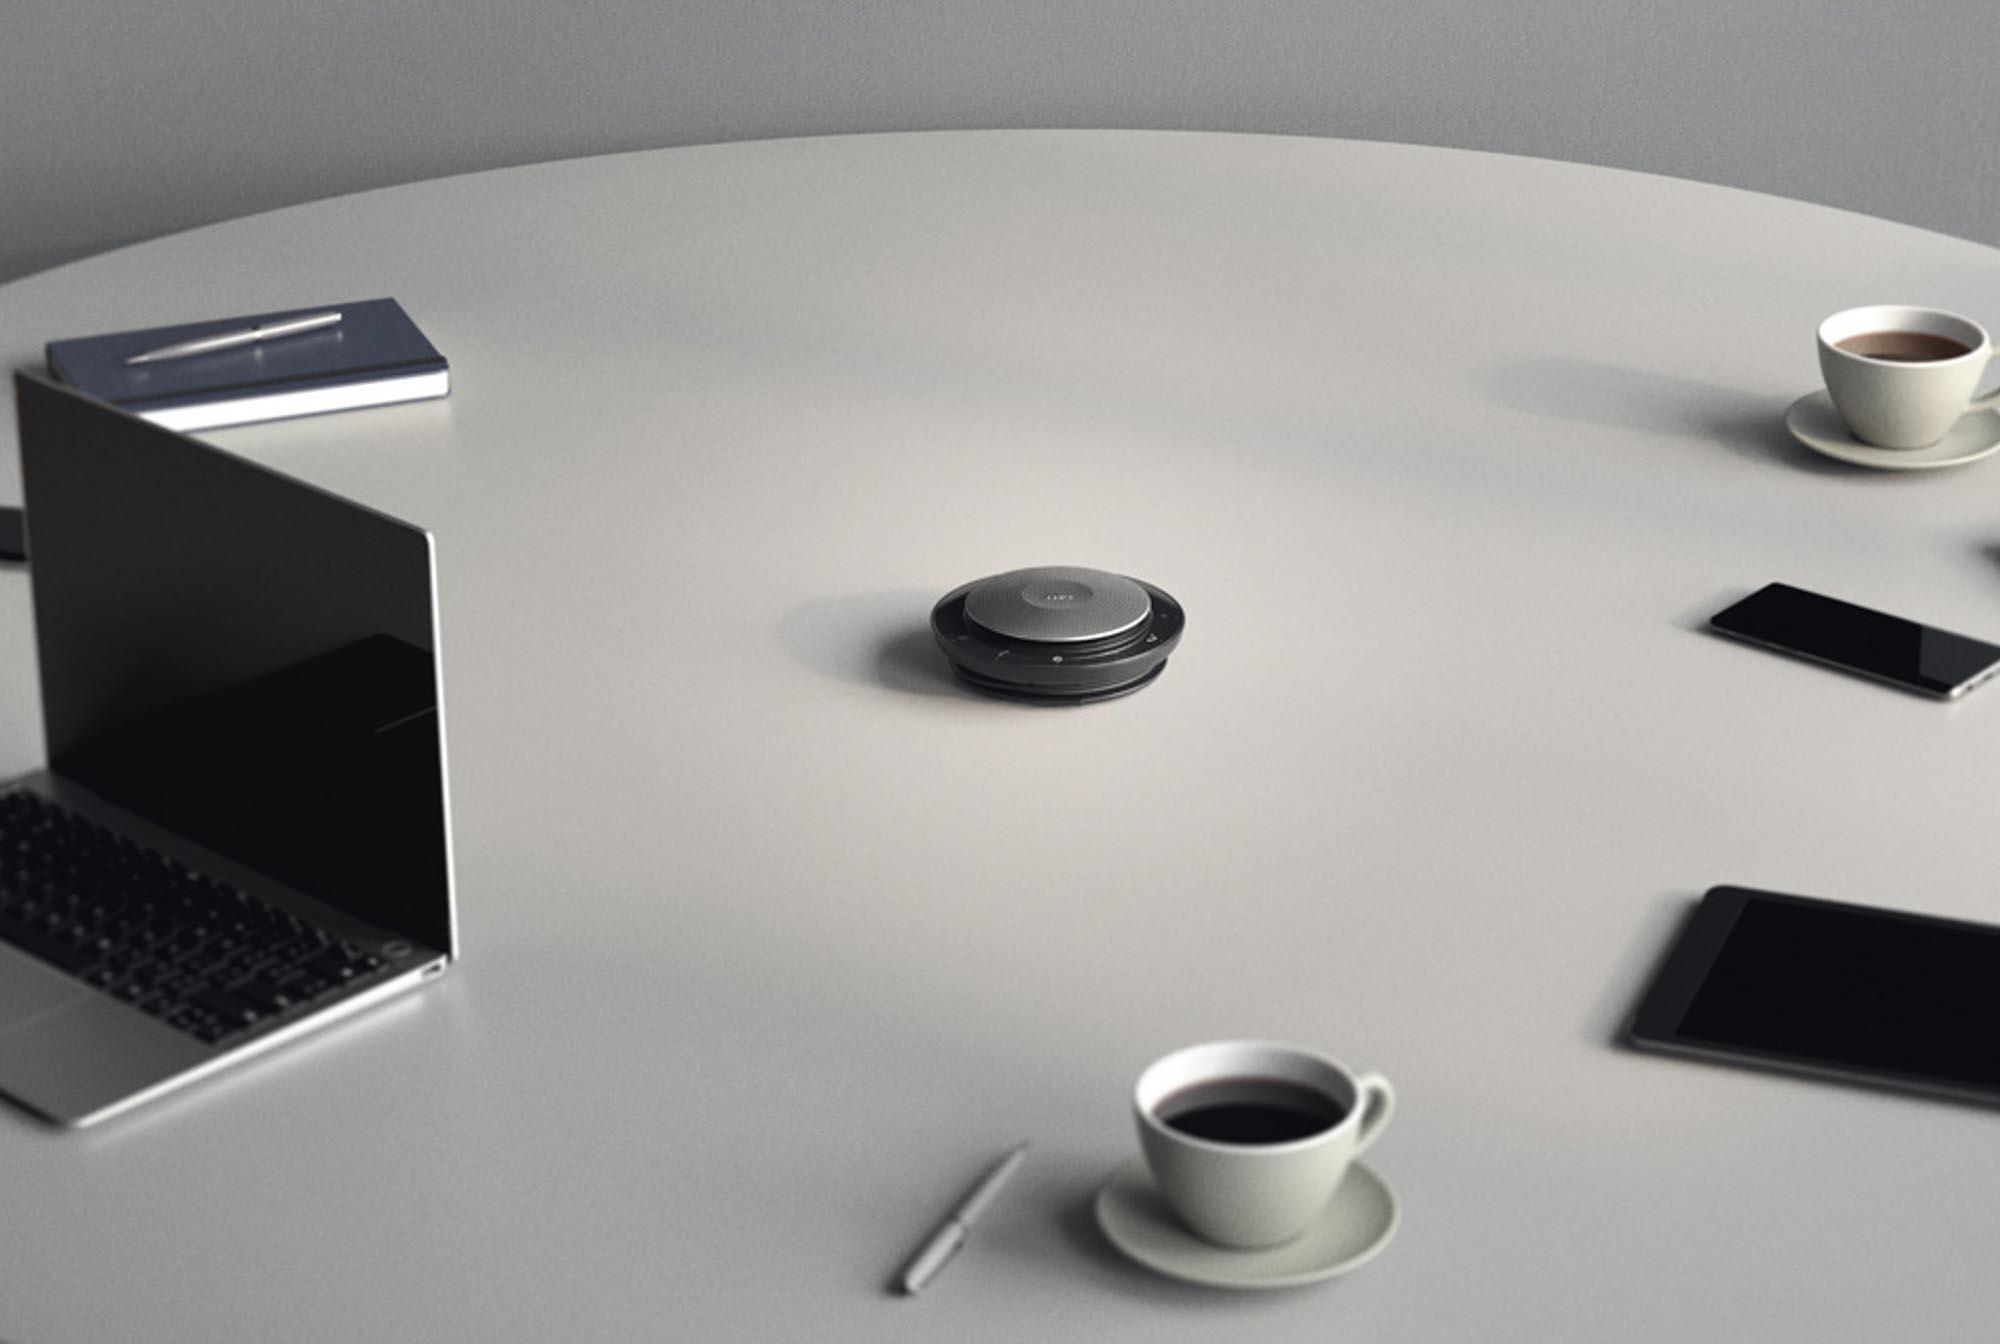 Loa hội nghị Jabra Speak 750 – Hệ thống lý tưởng cho hội họp online hay làm việc tại nhà